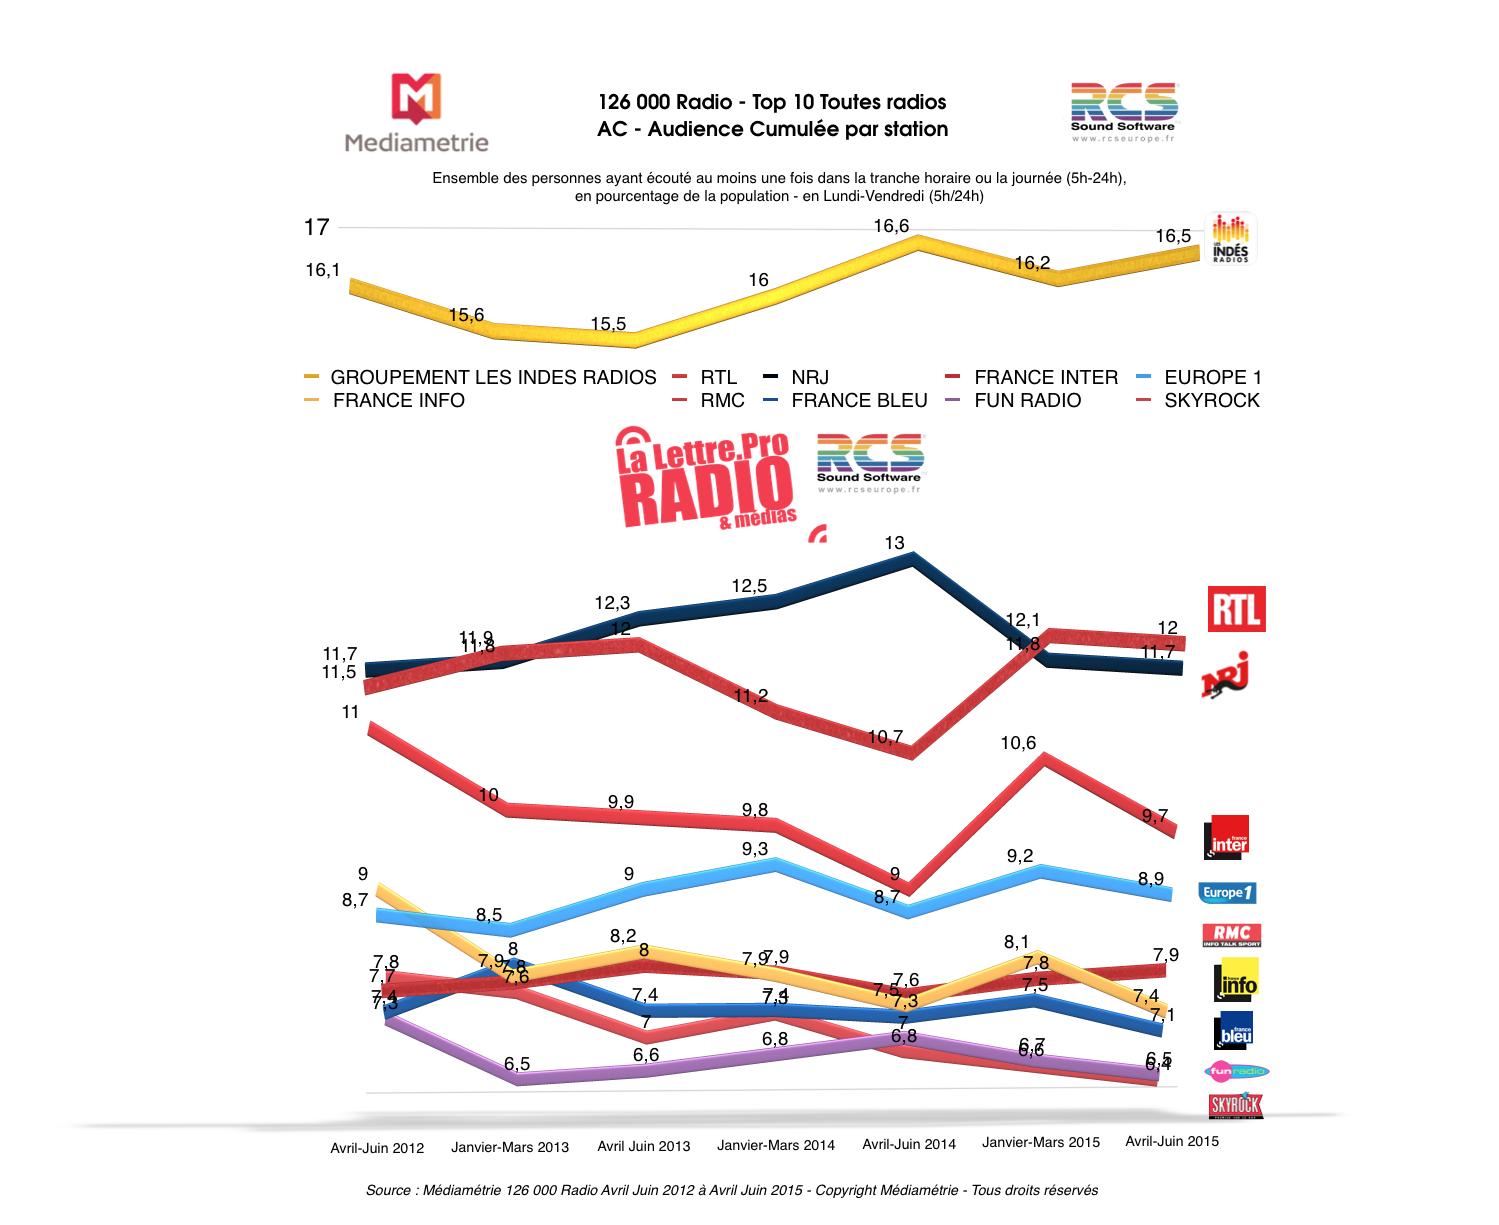 Source : Médiamétrie 126 000 Radio Avril Juin 2012 à Avril Juin 2015 - Copyright Médiamétrie - Tous droits réservés